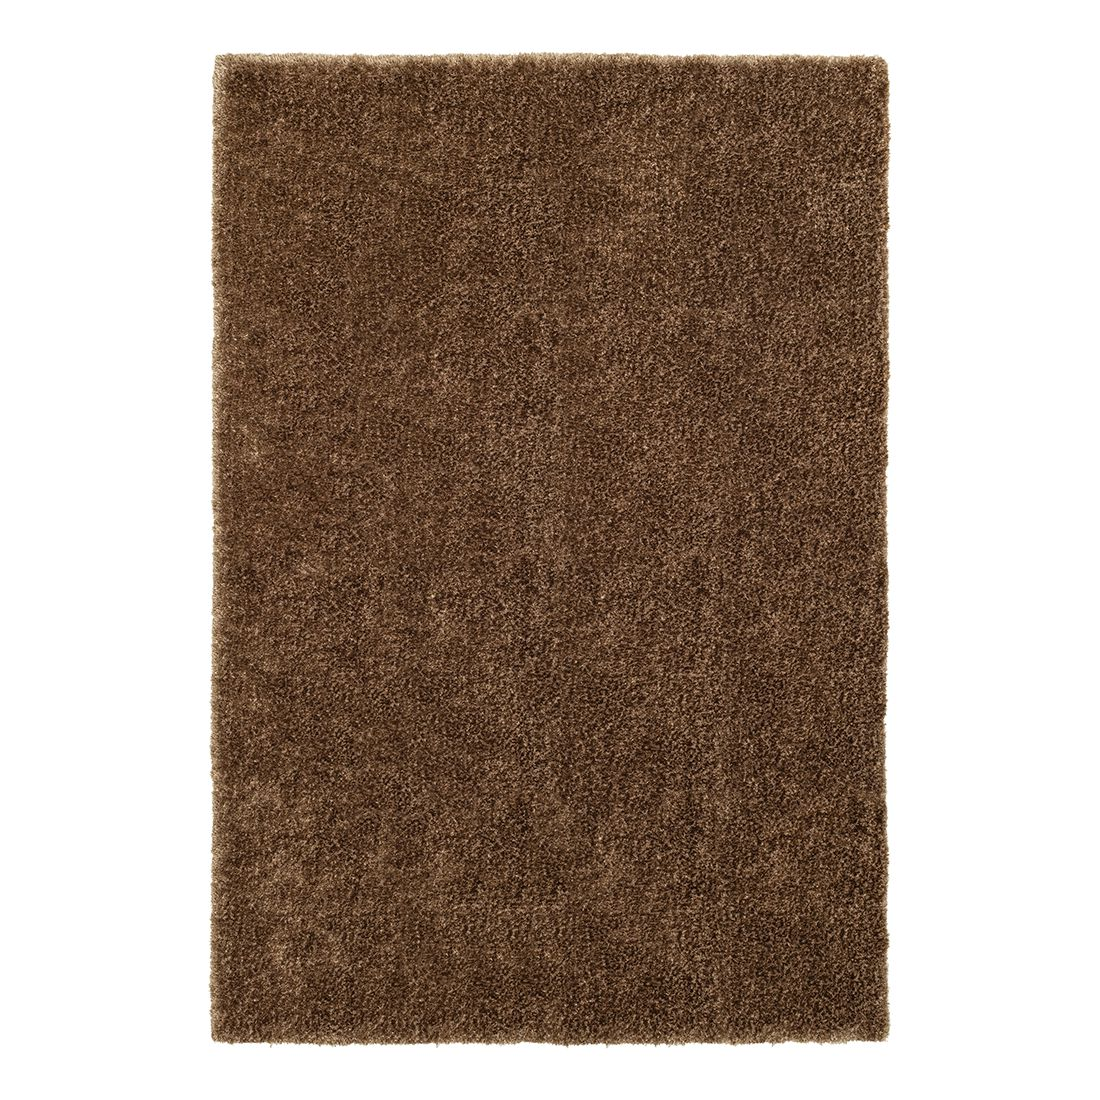 Teppich Emotion – Braun – 170 x 240 cm, Schöner Wohnen Kollektion günstig online kaufen